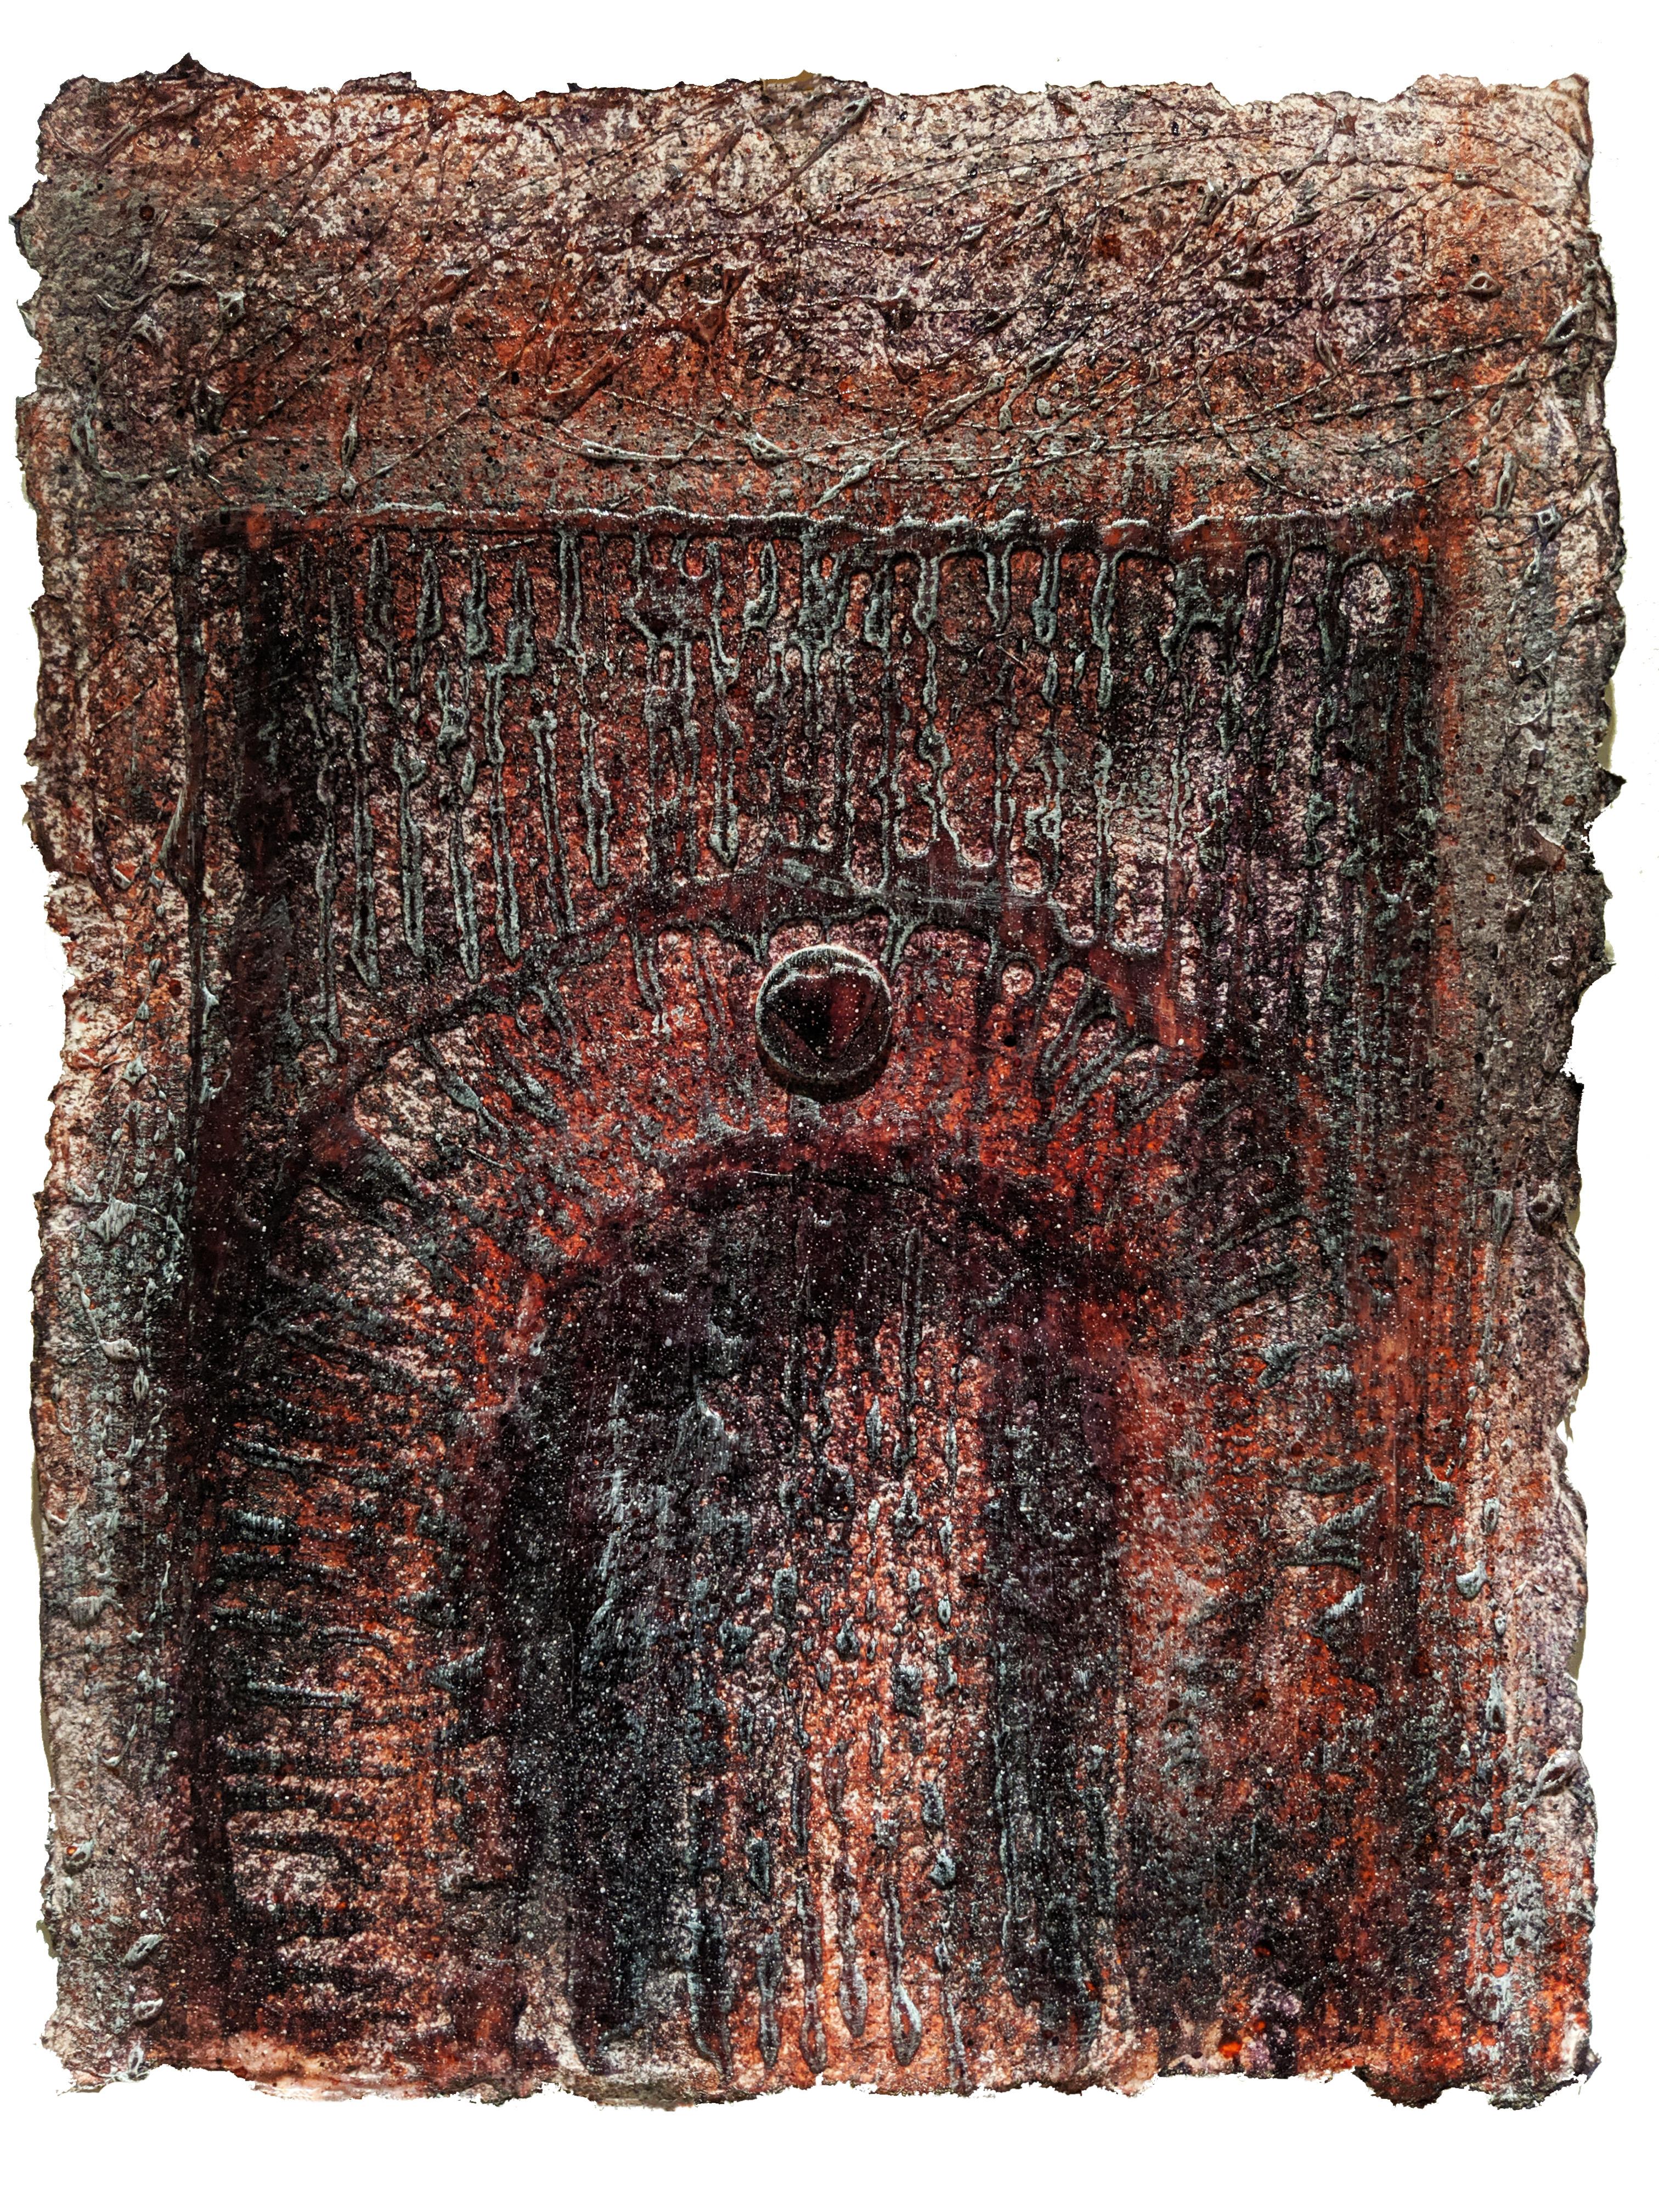 Taṣṣort of Mogador II